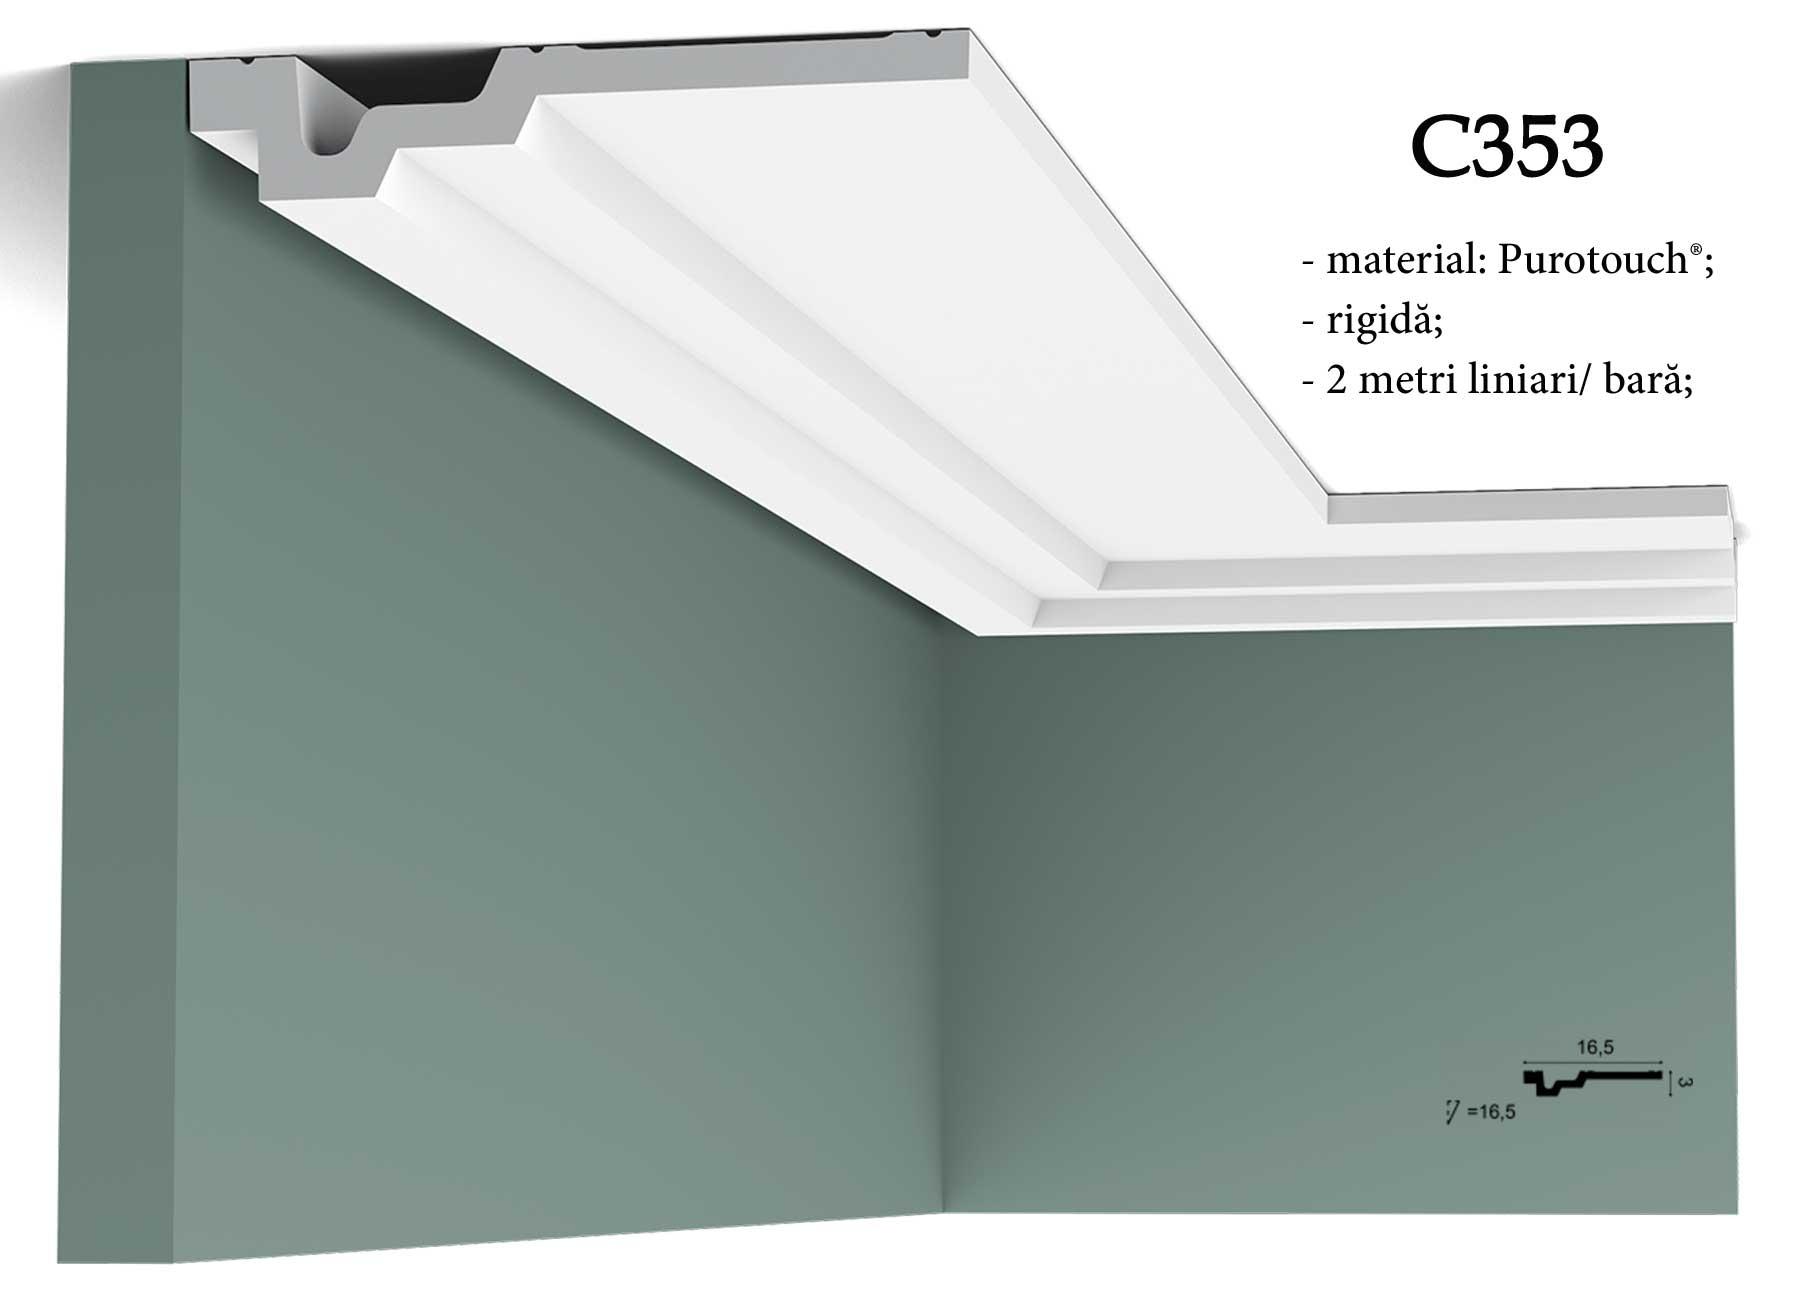 Cornisa decorativa pentru tavan Orac Decor. Terminatie perete C353